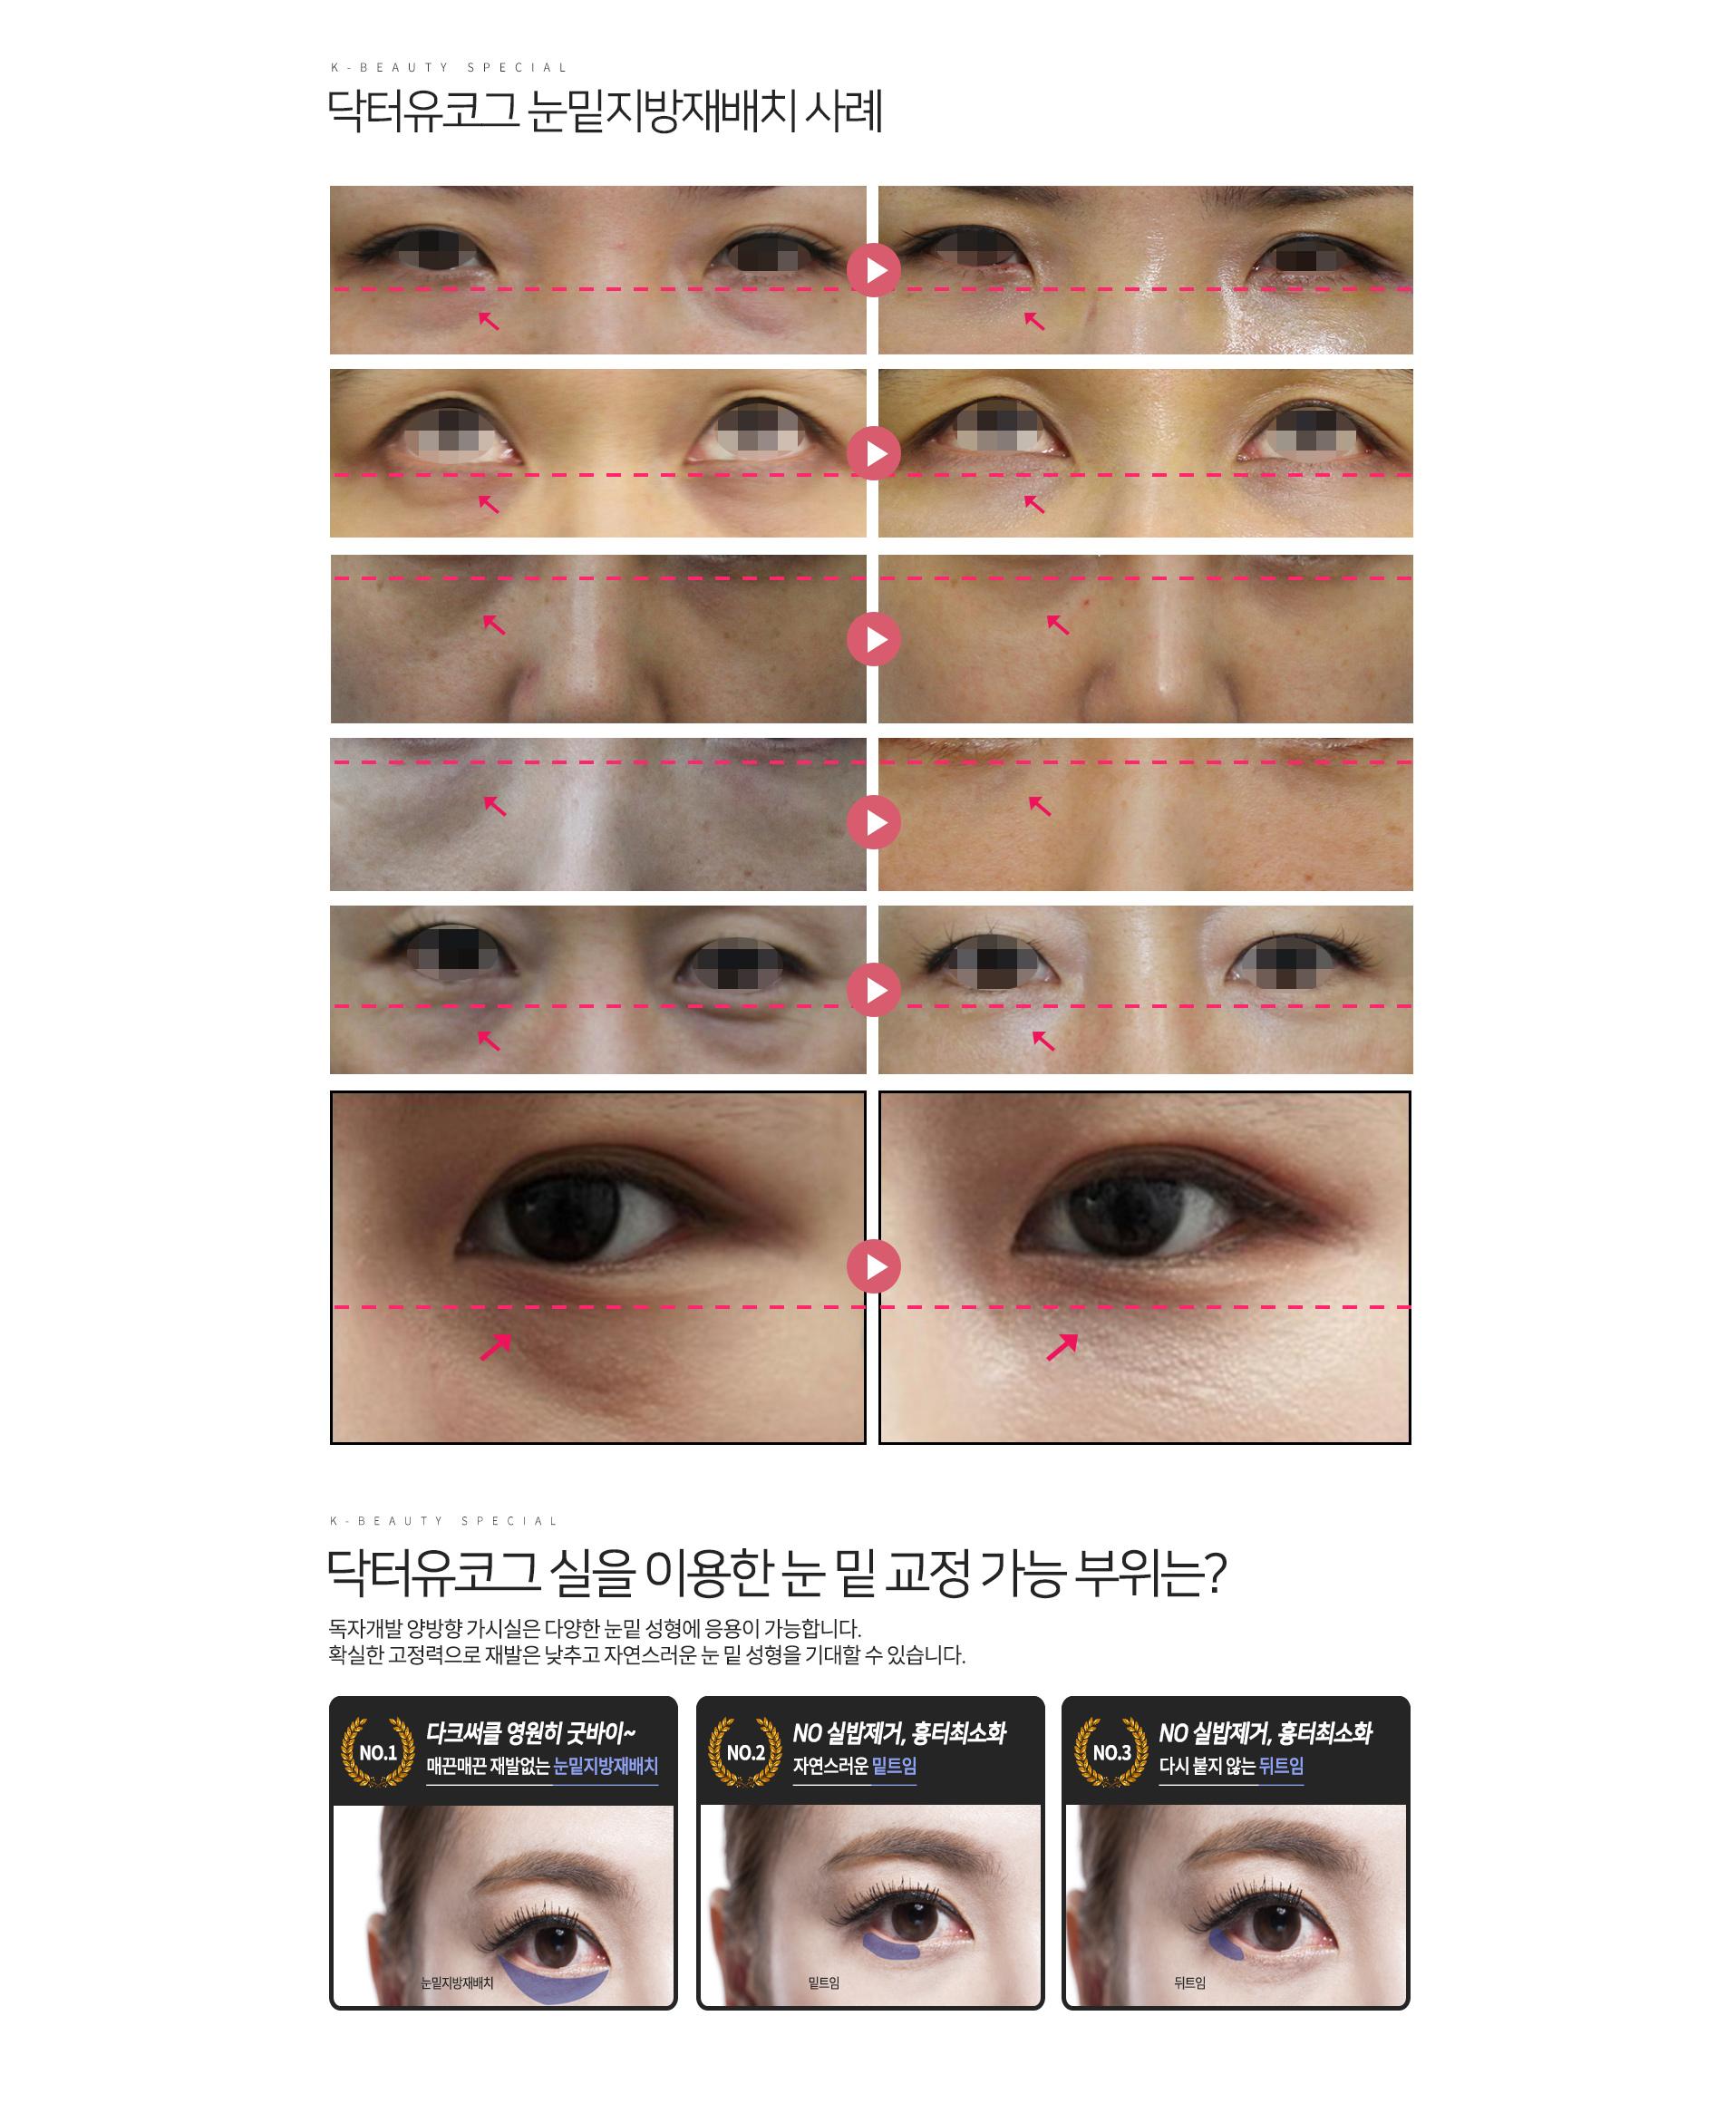 일반 눈밑지방재배치VS닥터유코그 눈밑지방재배치 수술결과 비교